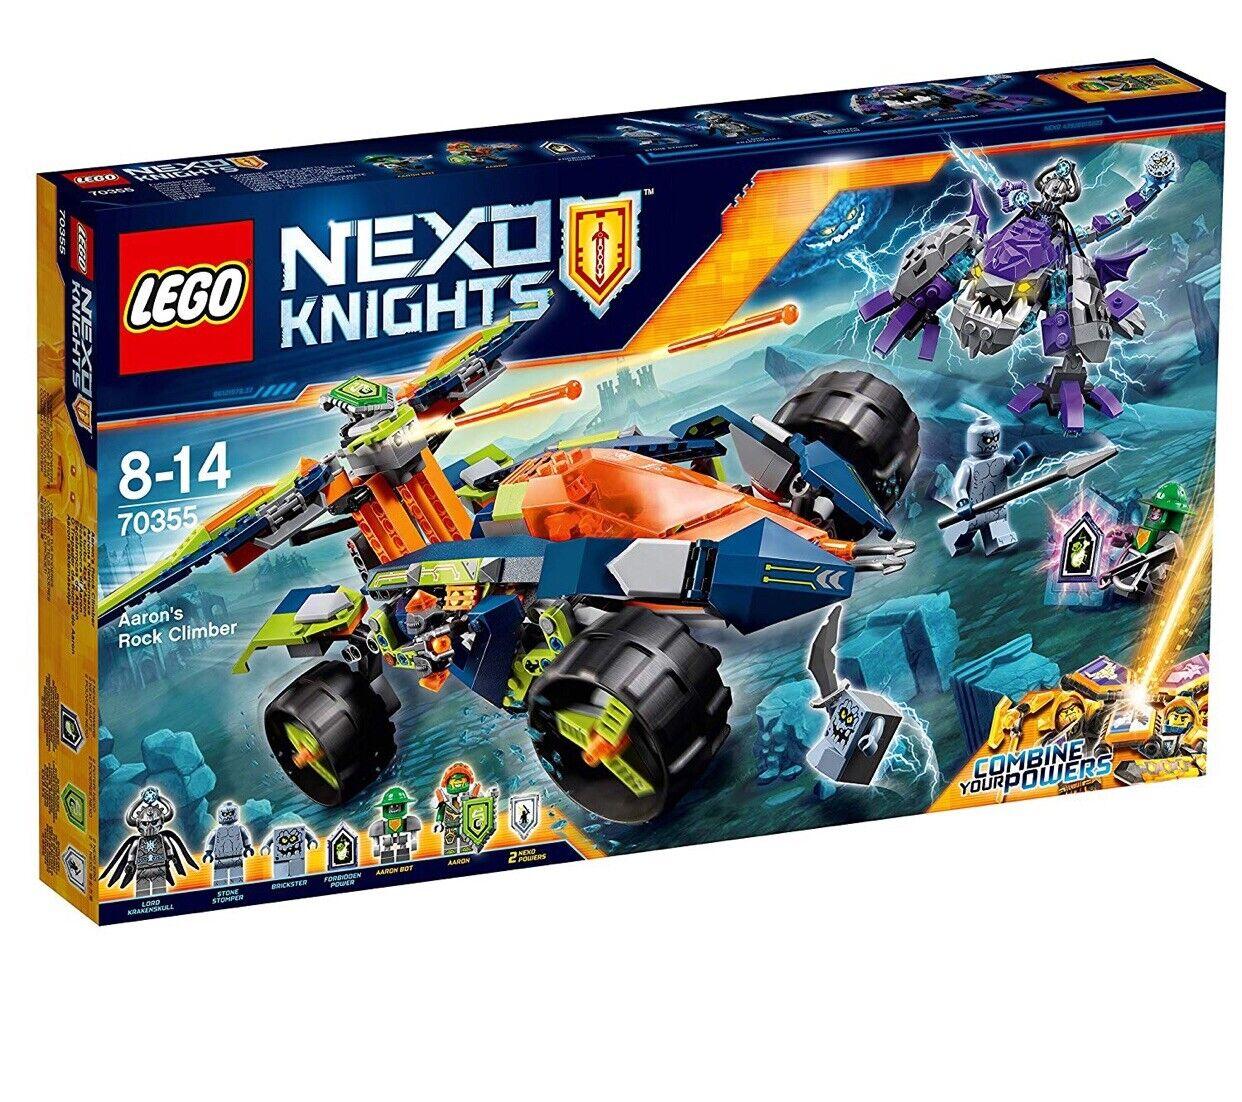 Lego nexo Caballeros 70355 Aaron's escalador de roca Conjunto retirado y de la serie